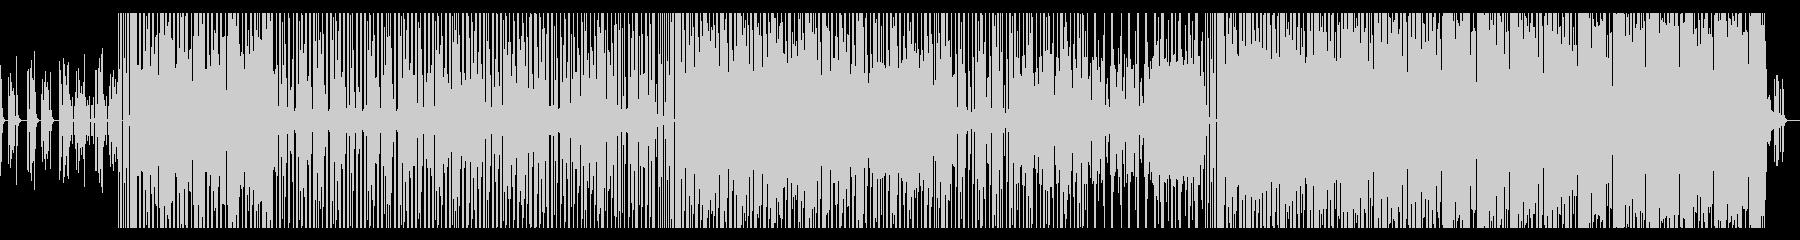 【メロ・ギターソロ無】ファンクロック風の未再生の波形